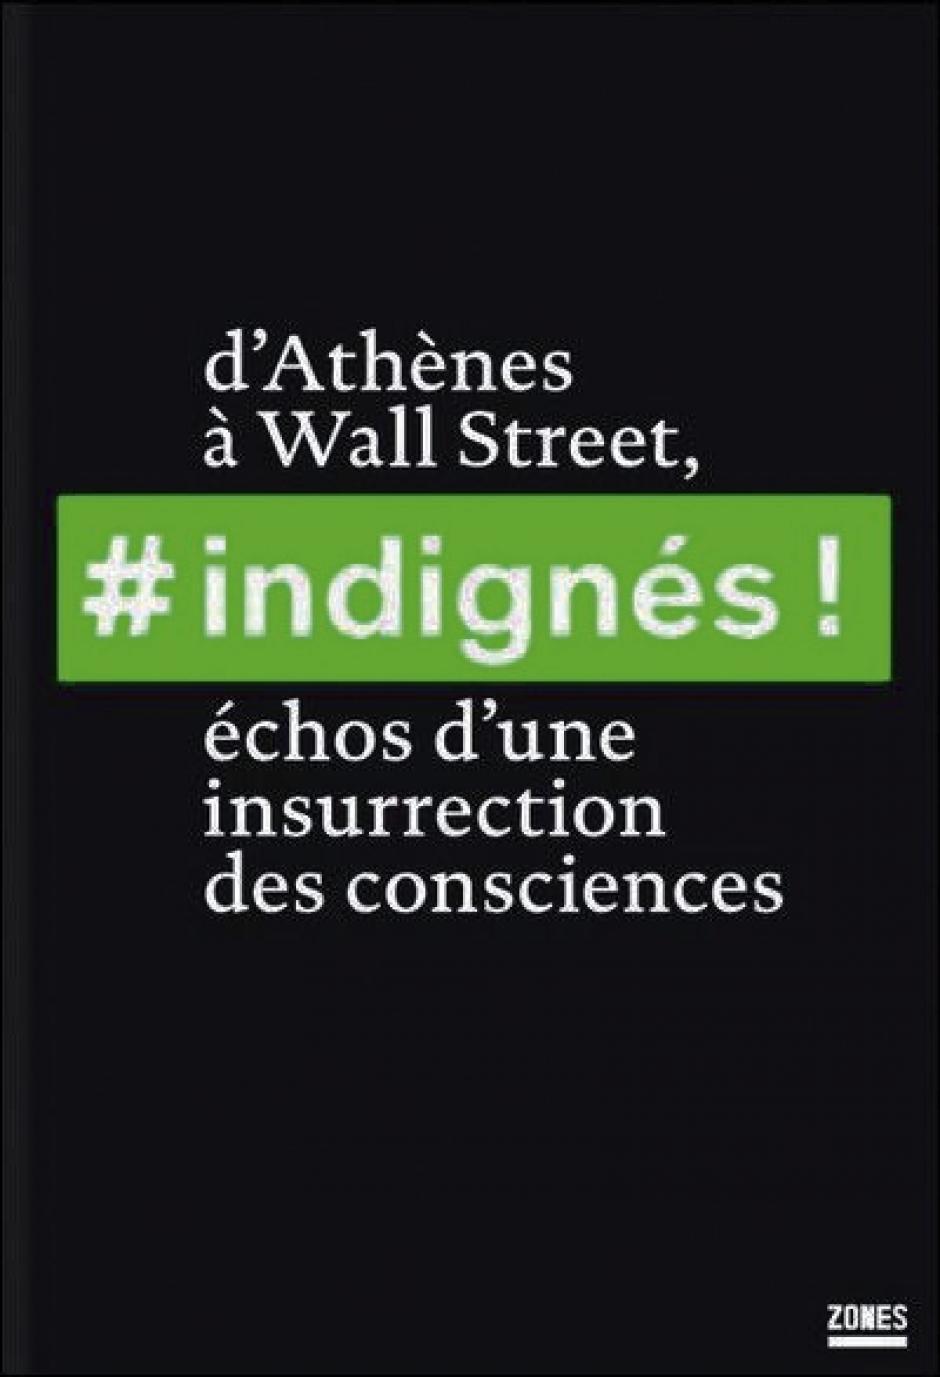 # Indignés ! D'Athènes à Wall Street, échos d'une insurrection des consciences